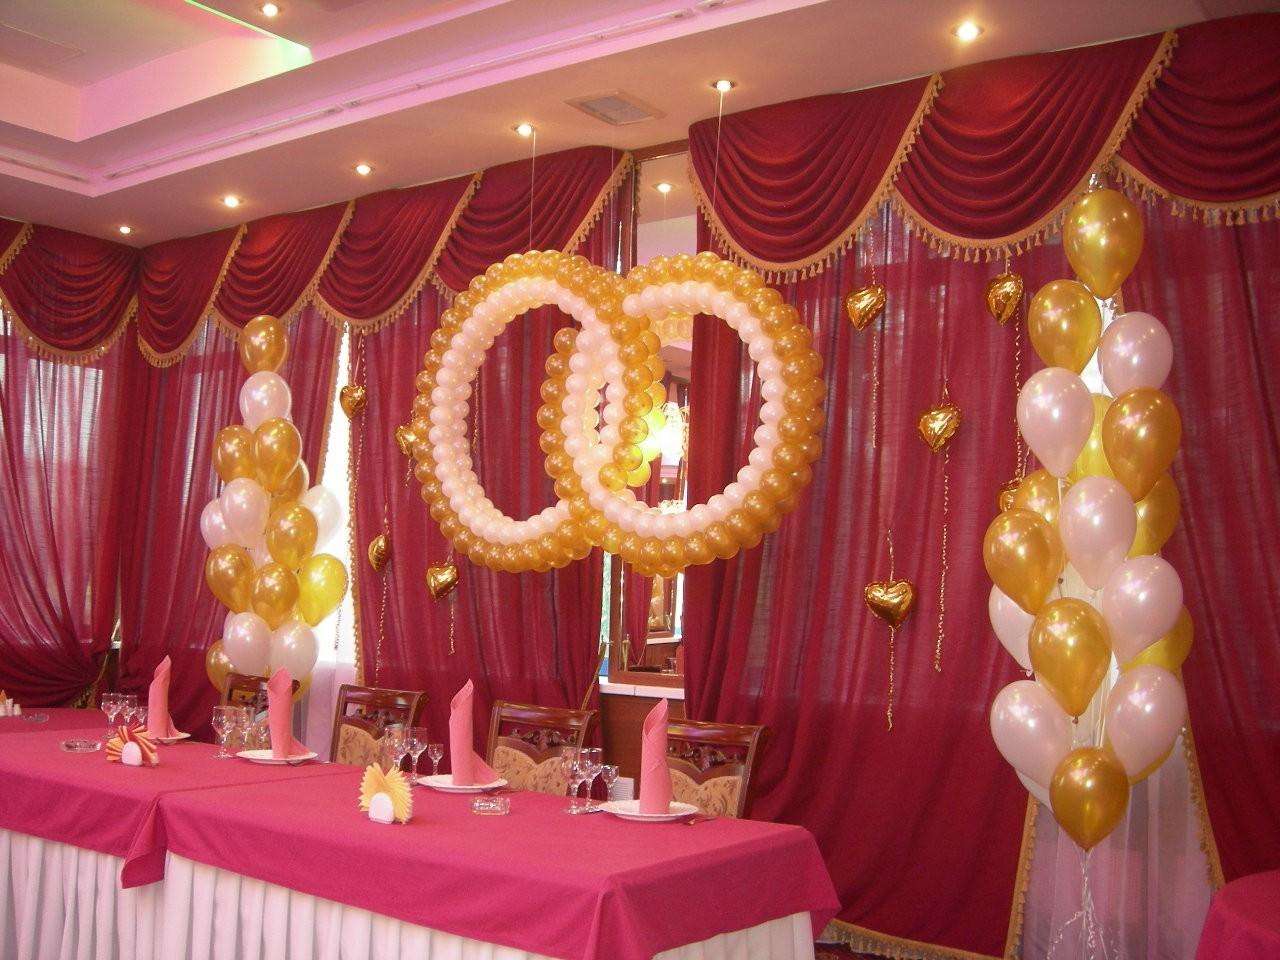 Символ скрепления союза - кольца из шариков дополнит любой свадебный зал.